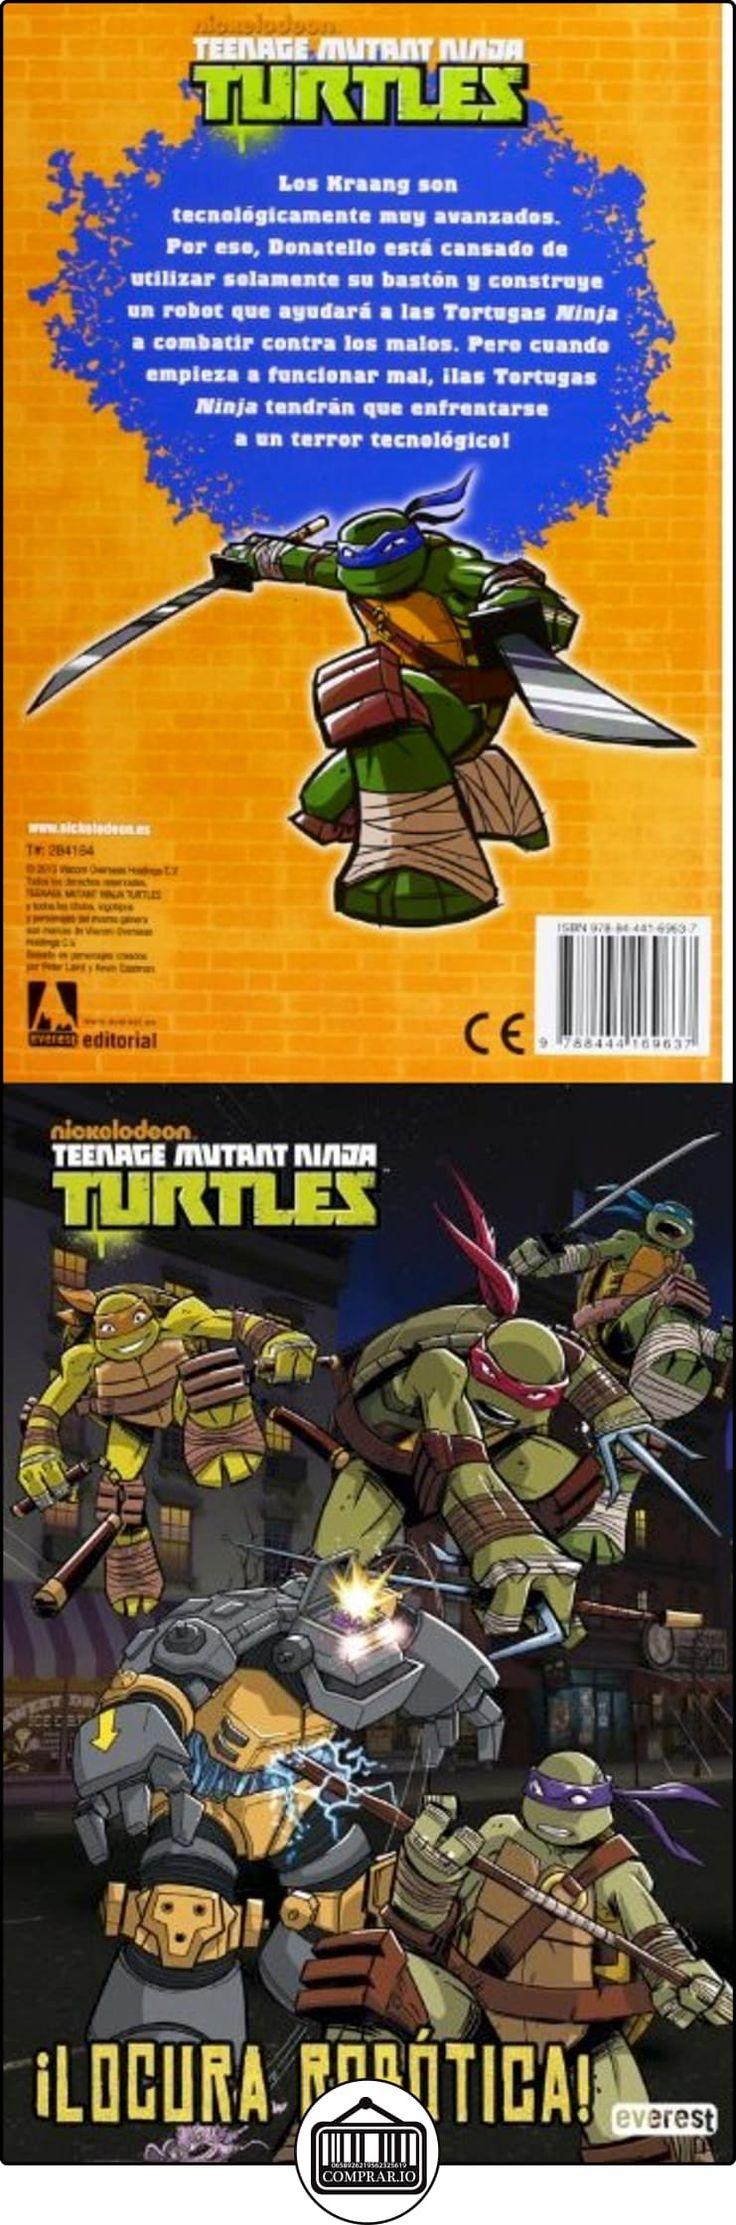 Tortugas Ninja. Locura Robótica (Libros de lectura) Nickelodeon ✿ Libros infantiles y juveniles - (De 6 a 9 años) ✿ ▬► Ver oferta: http://comprar.io/goto/8444169633